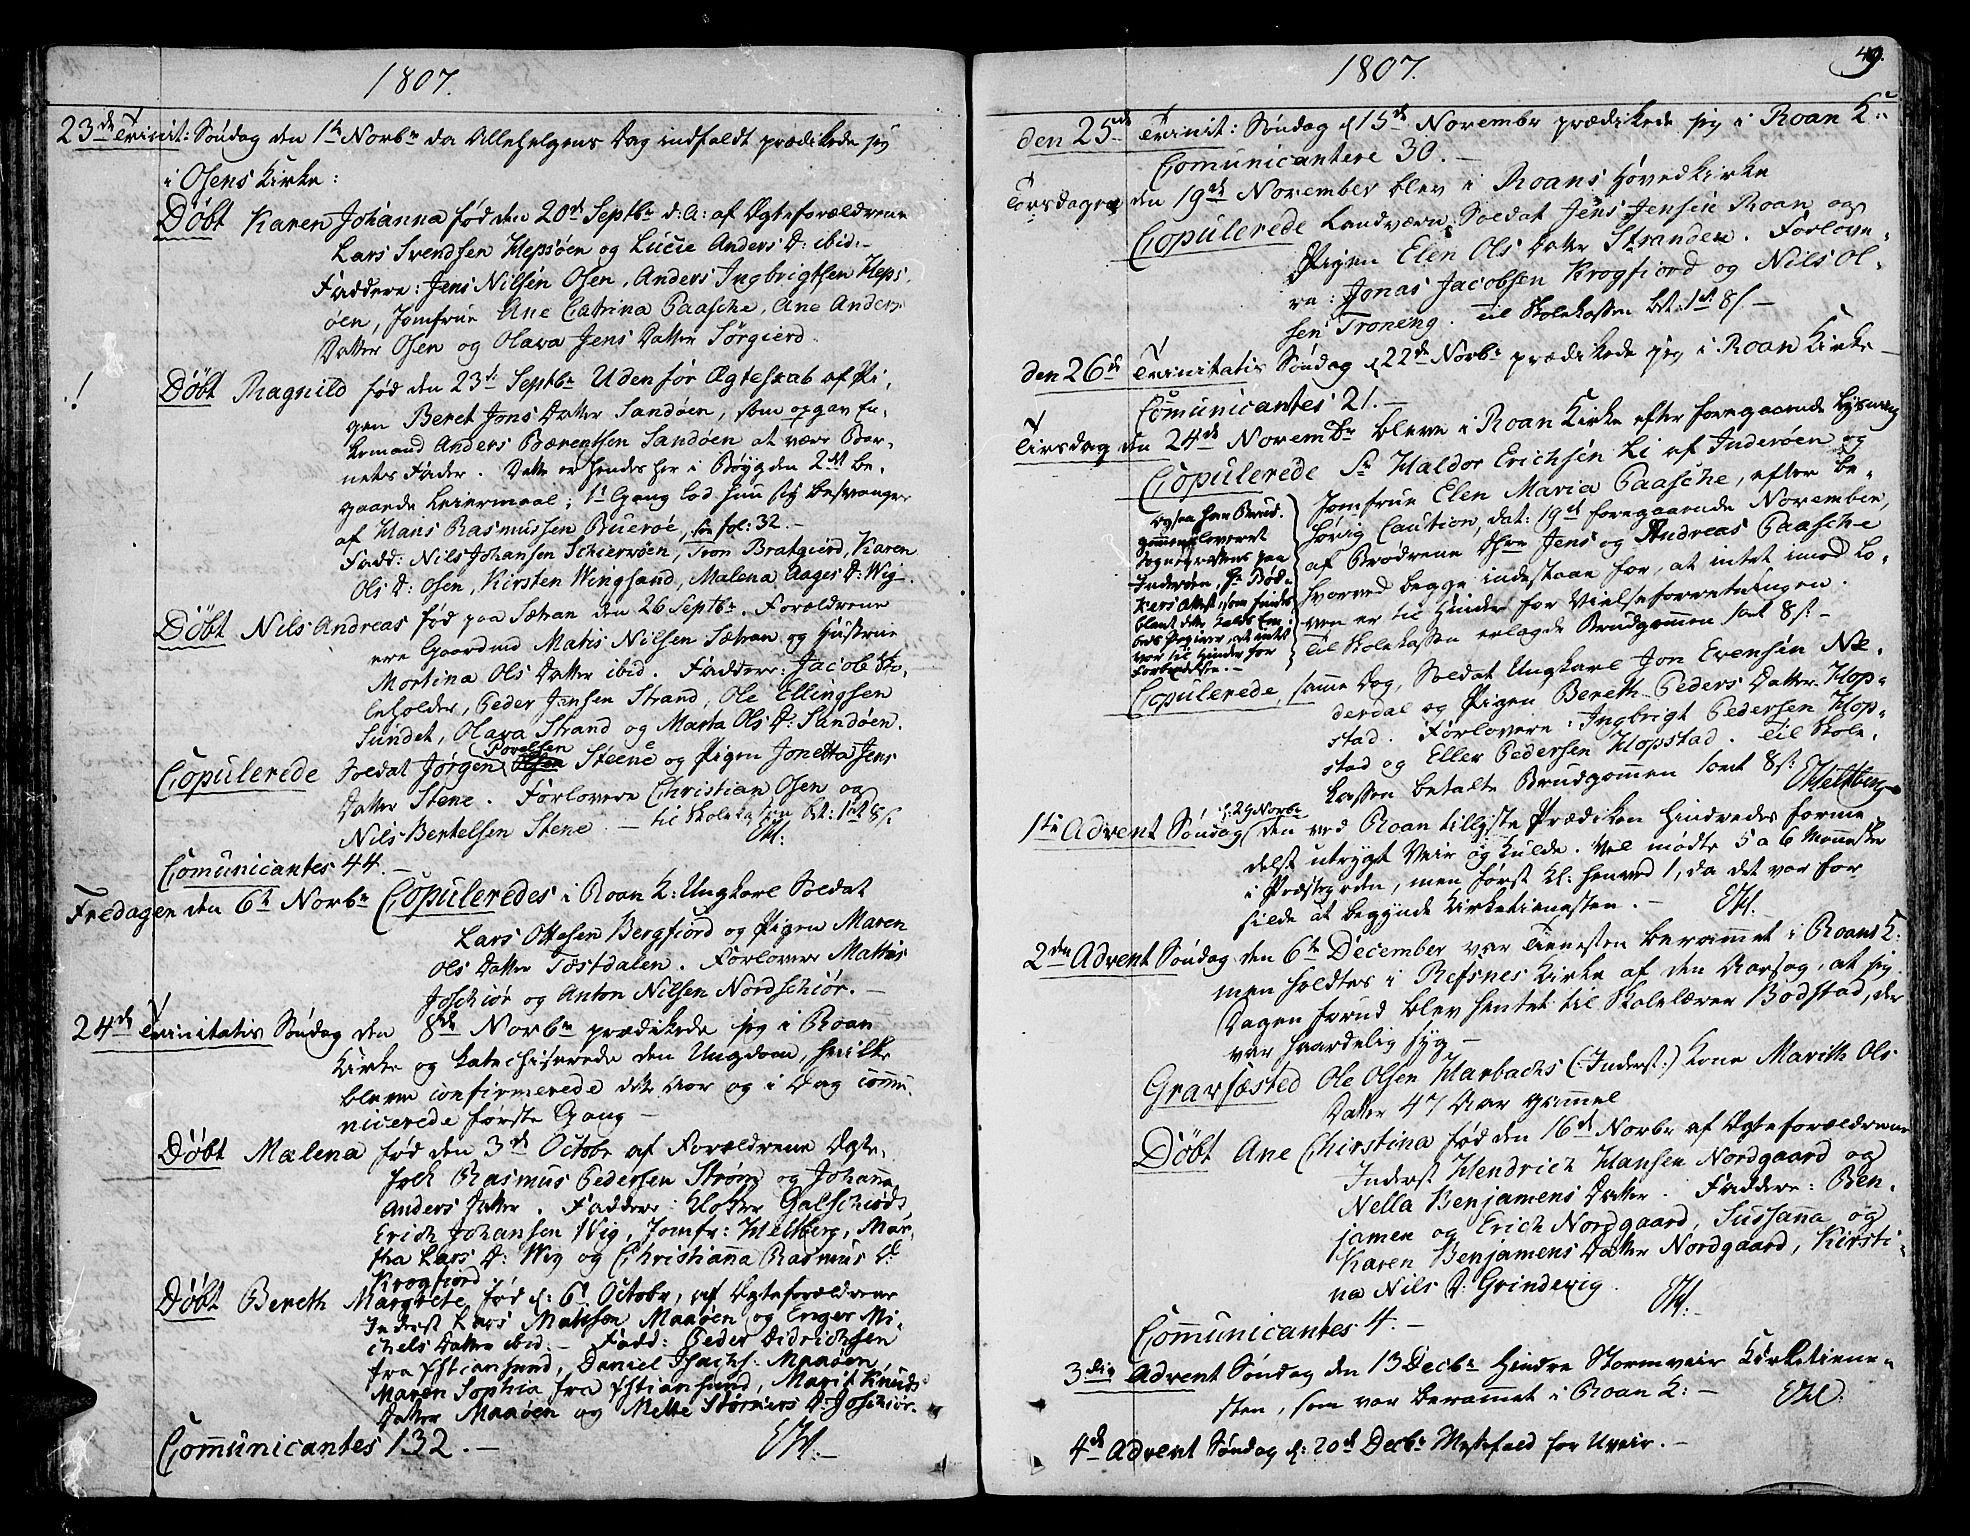 SAT, Ministerialprotokoller, klokkerbøker og fødselsregistre - Sør-Trøndelag, 657/L0701: Ministerialbok nr. 657A02, 1802-1831, s. 49